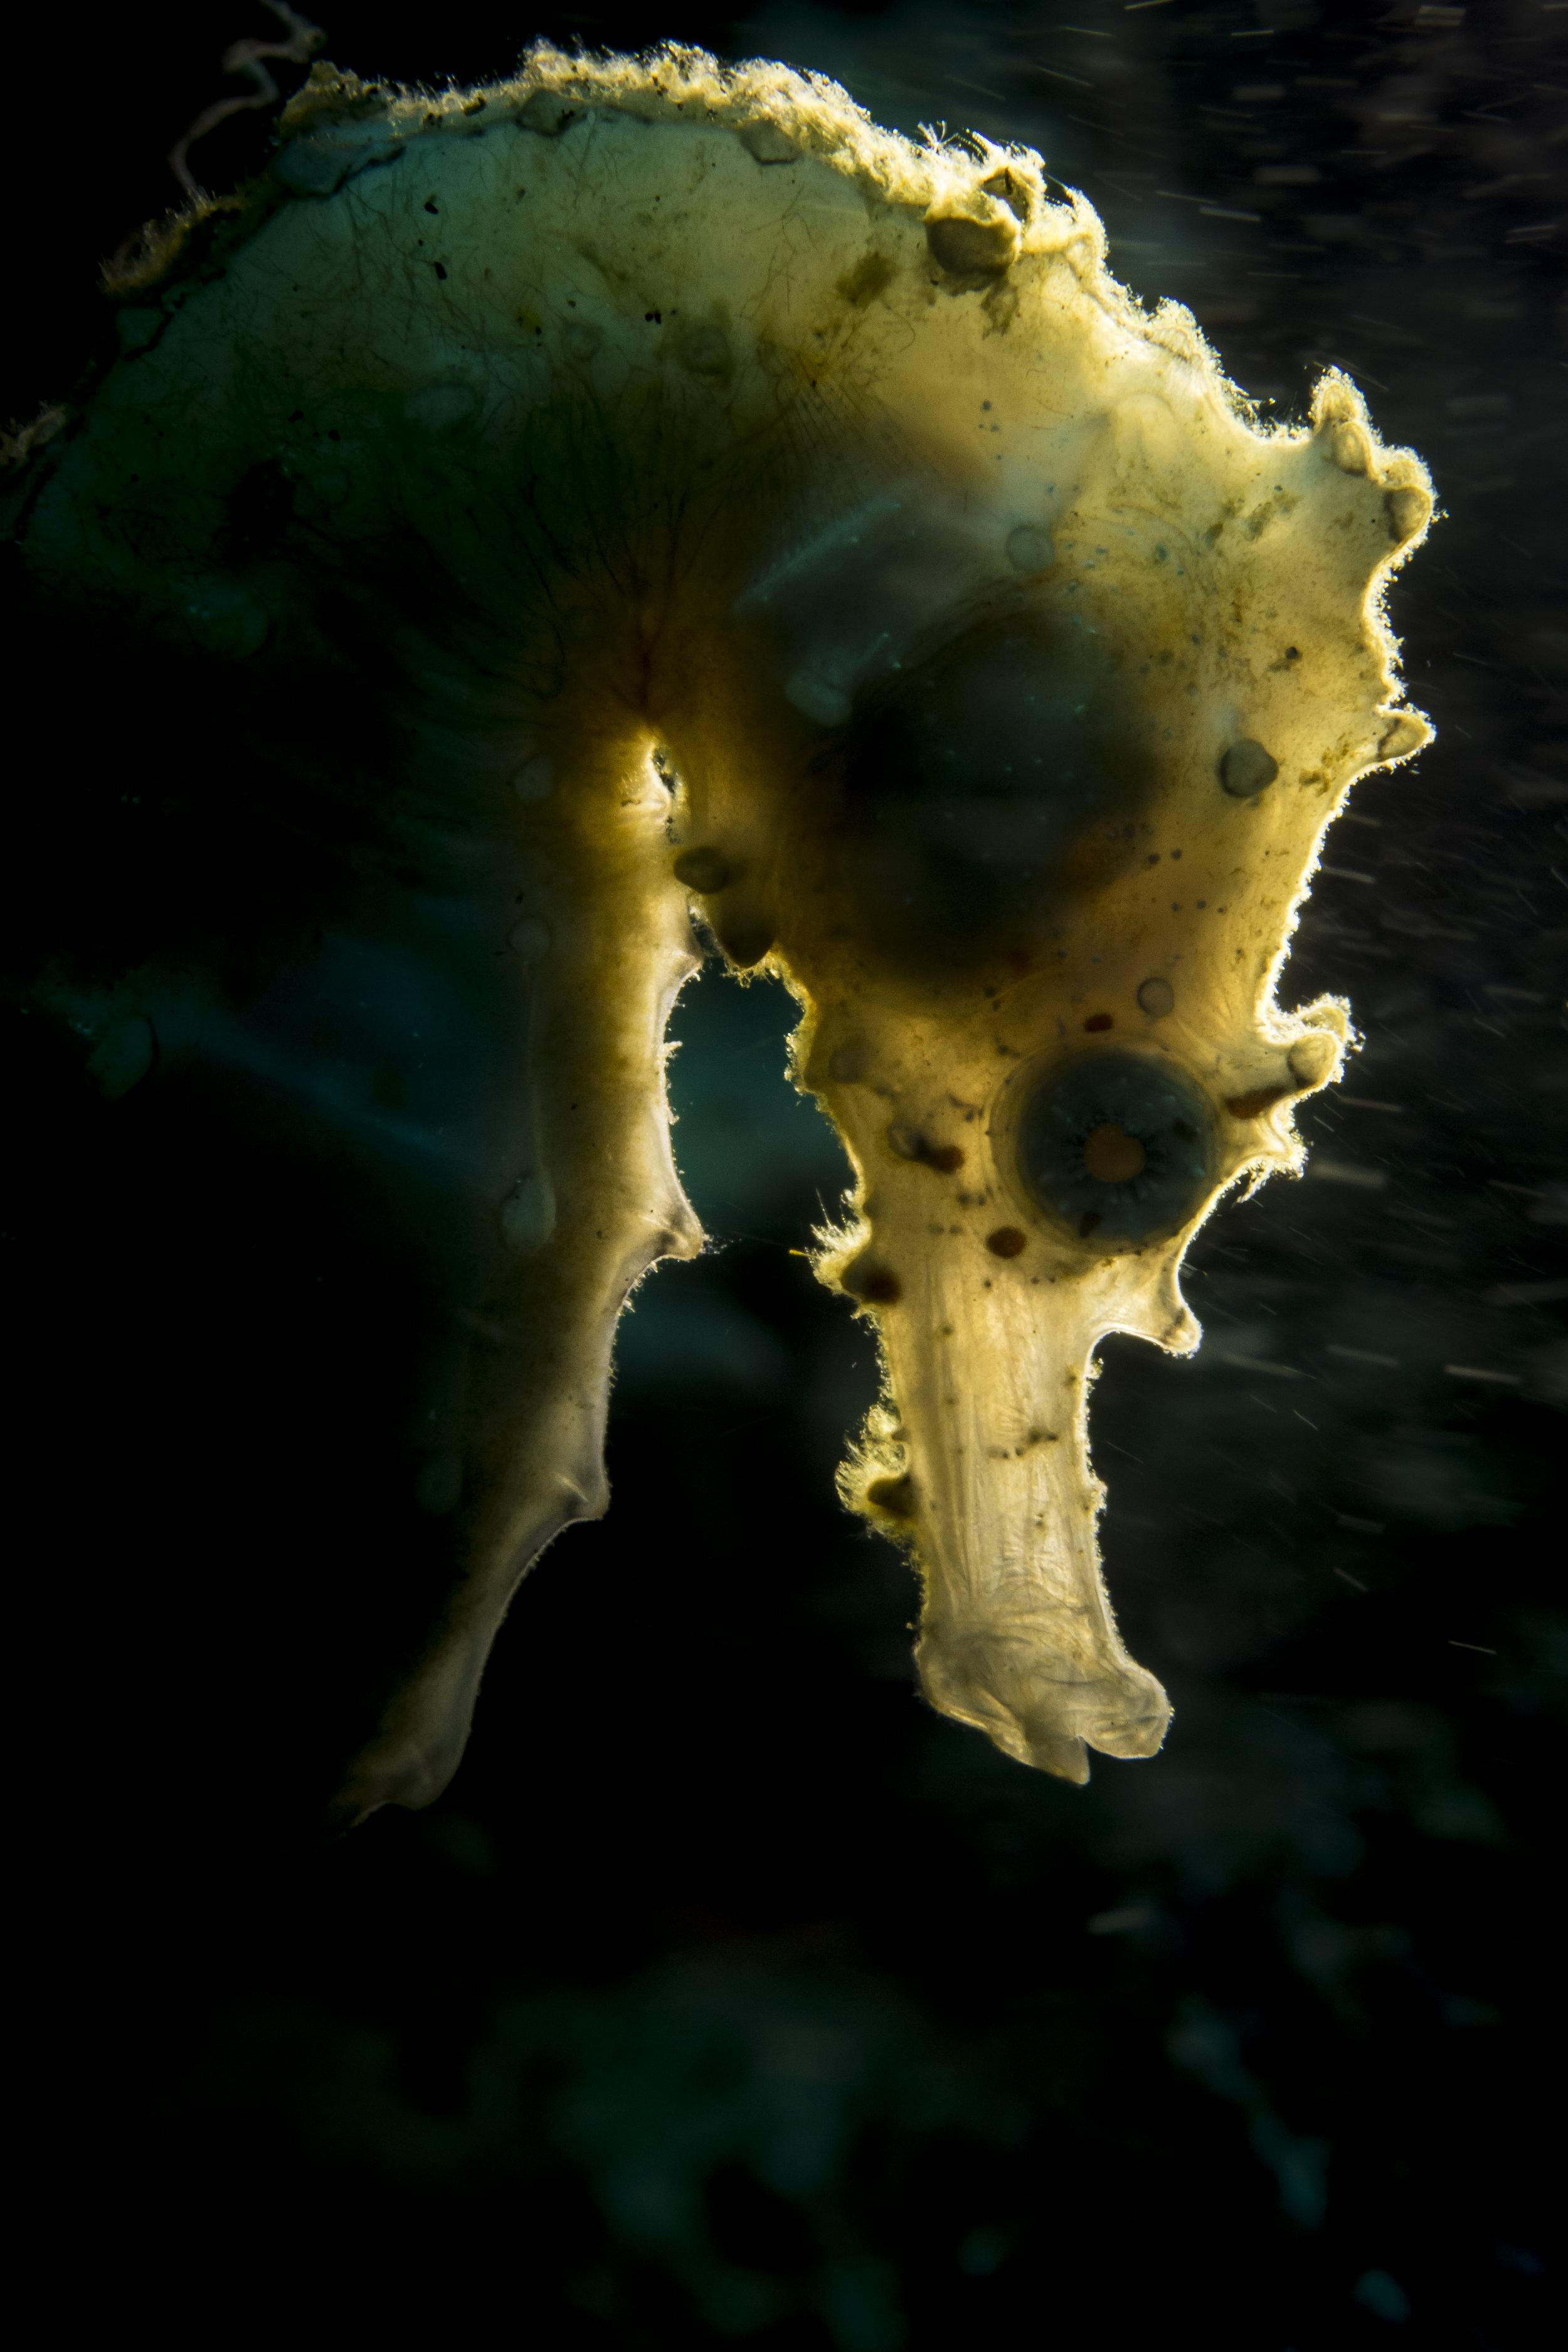 Backlit Seahorse